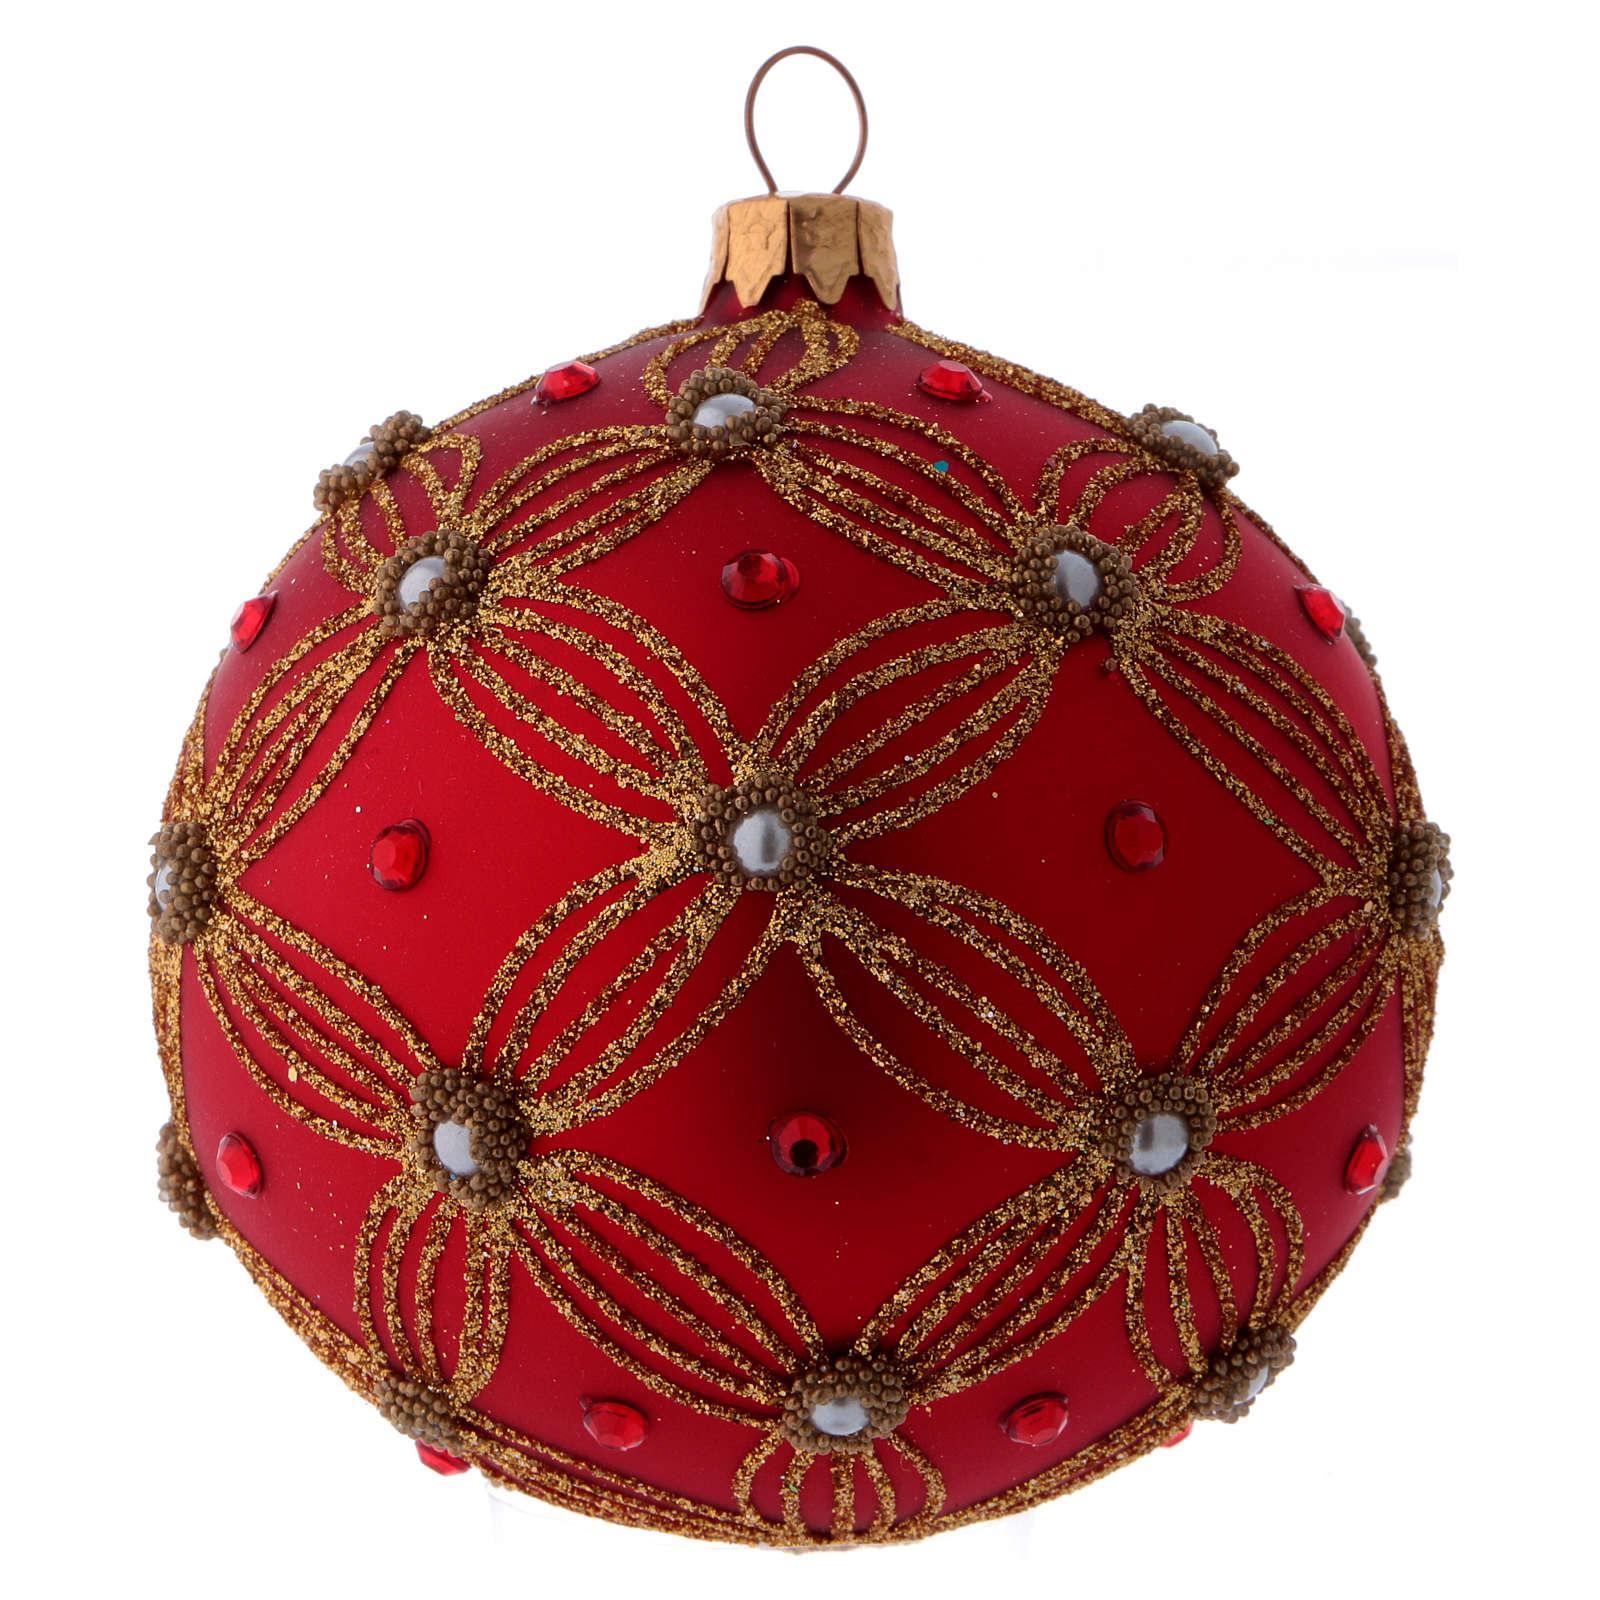 Bolita Navidad vidrio púrpura con perlas y motivos dorados 100 mm 4